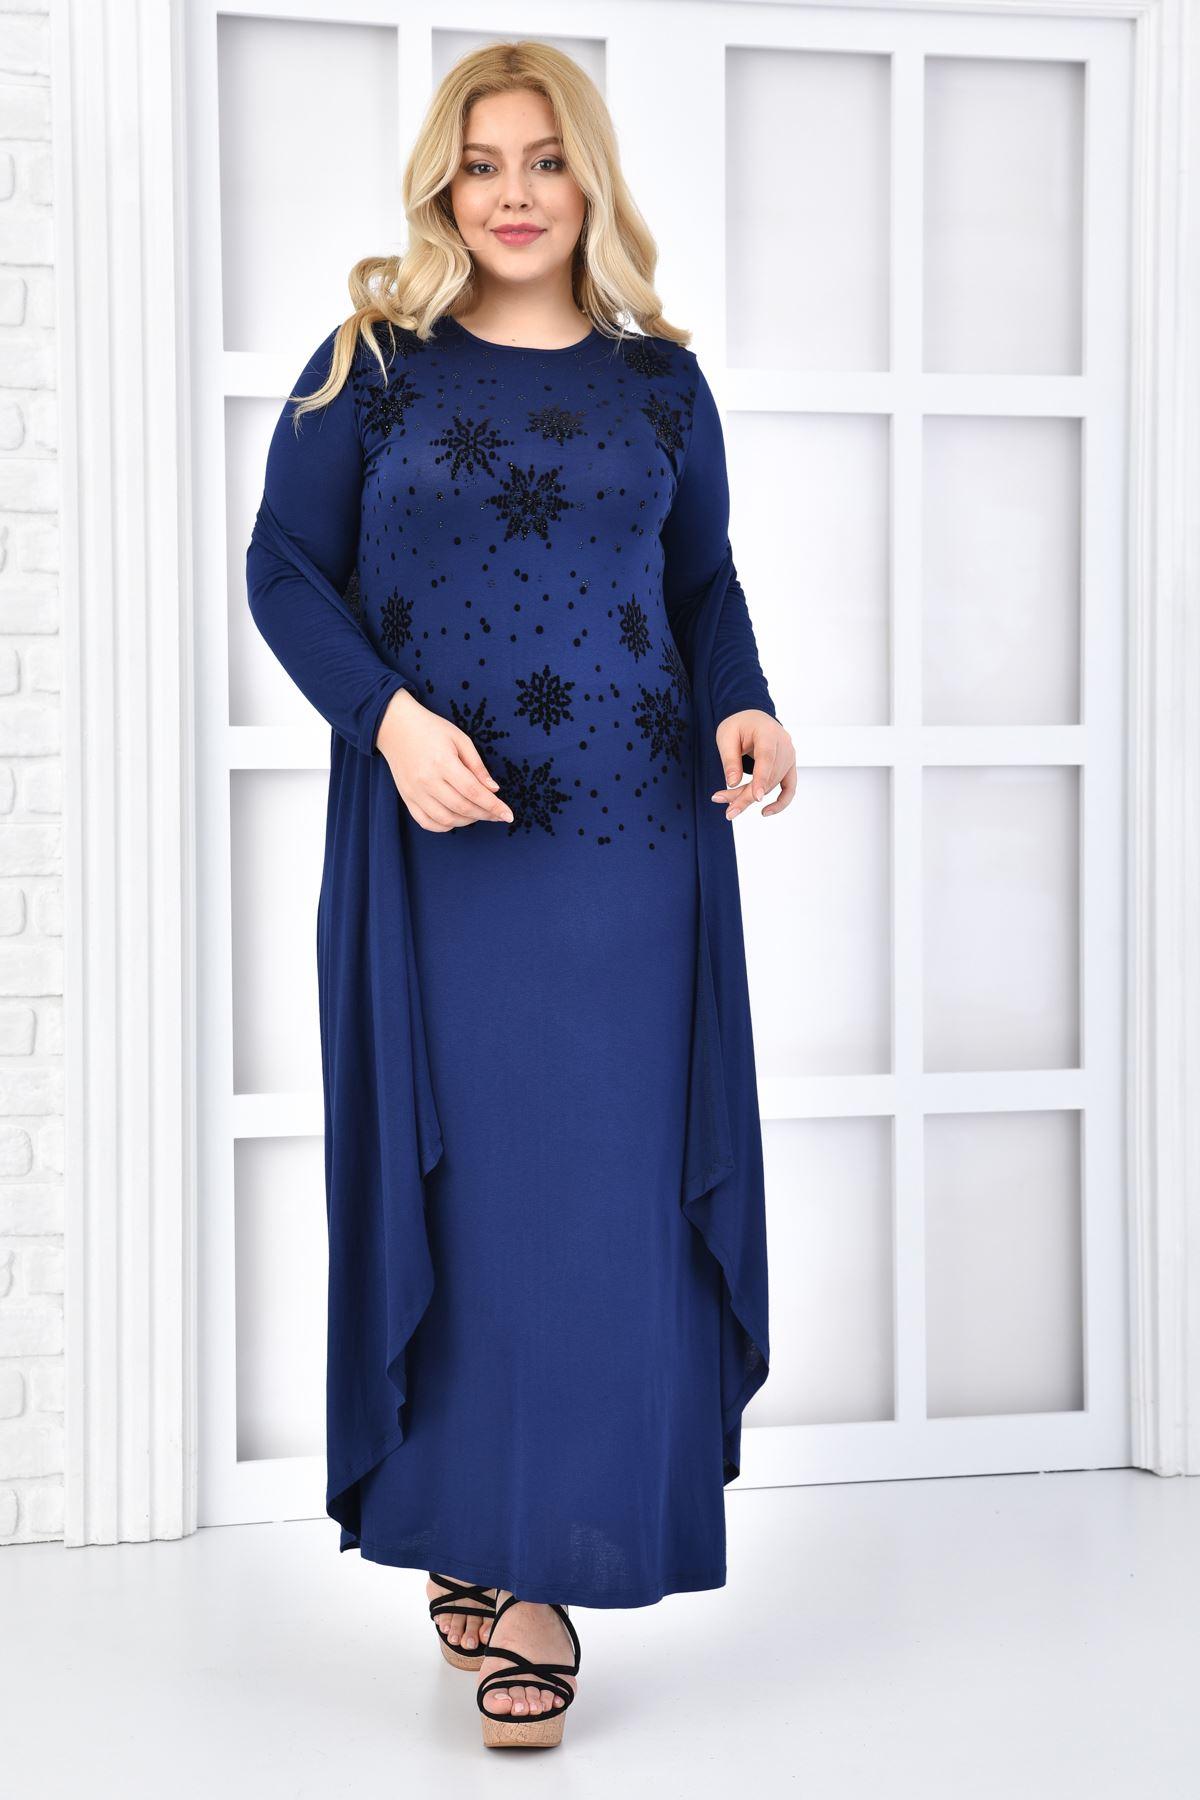 Fupe Büyük Beden Elbise İkili Takım Kadın Siyah Düz Desen